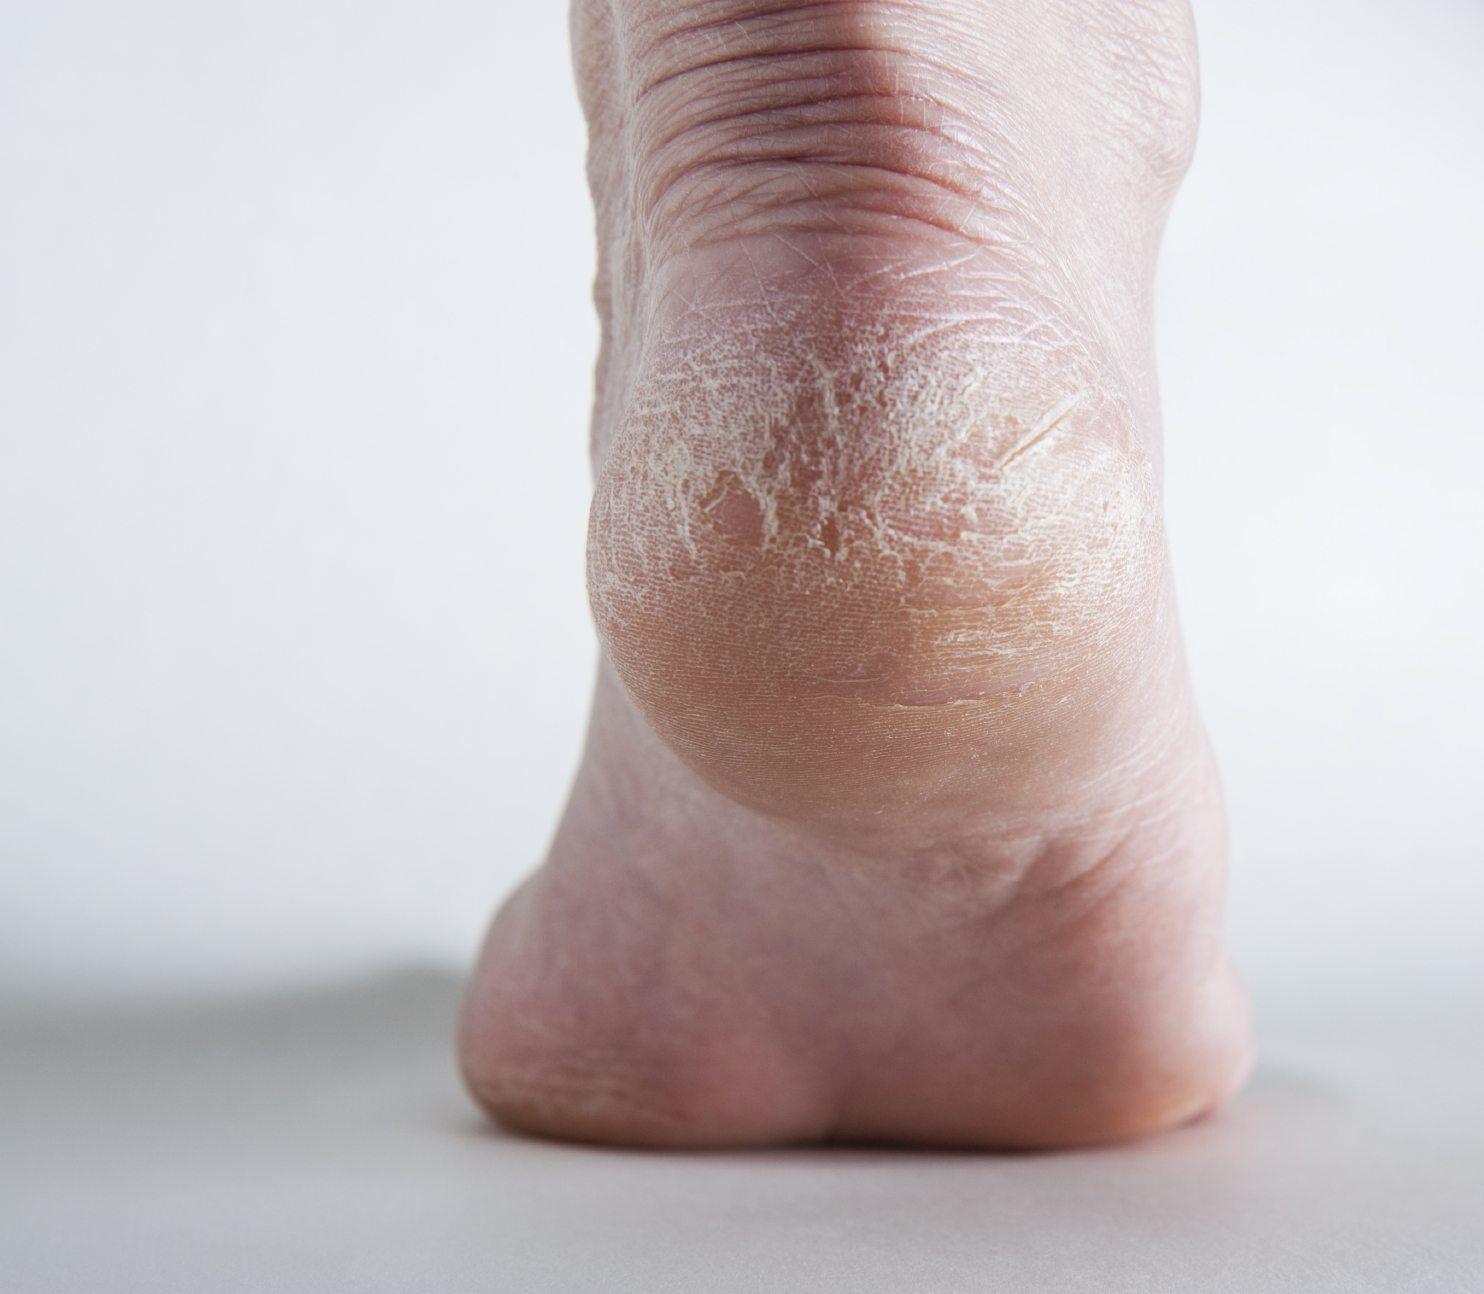 Topuk Çatlağı Neden Olur Nasıl Geçer-Topuk Çatlaması Tedavisi